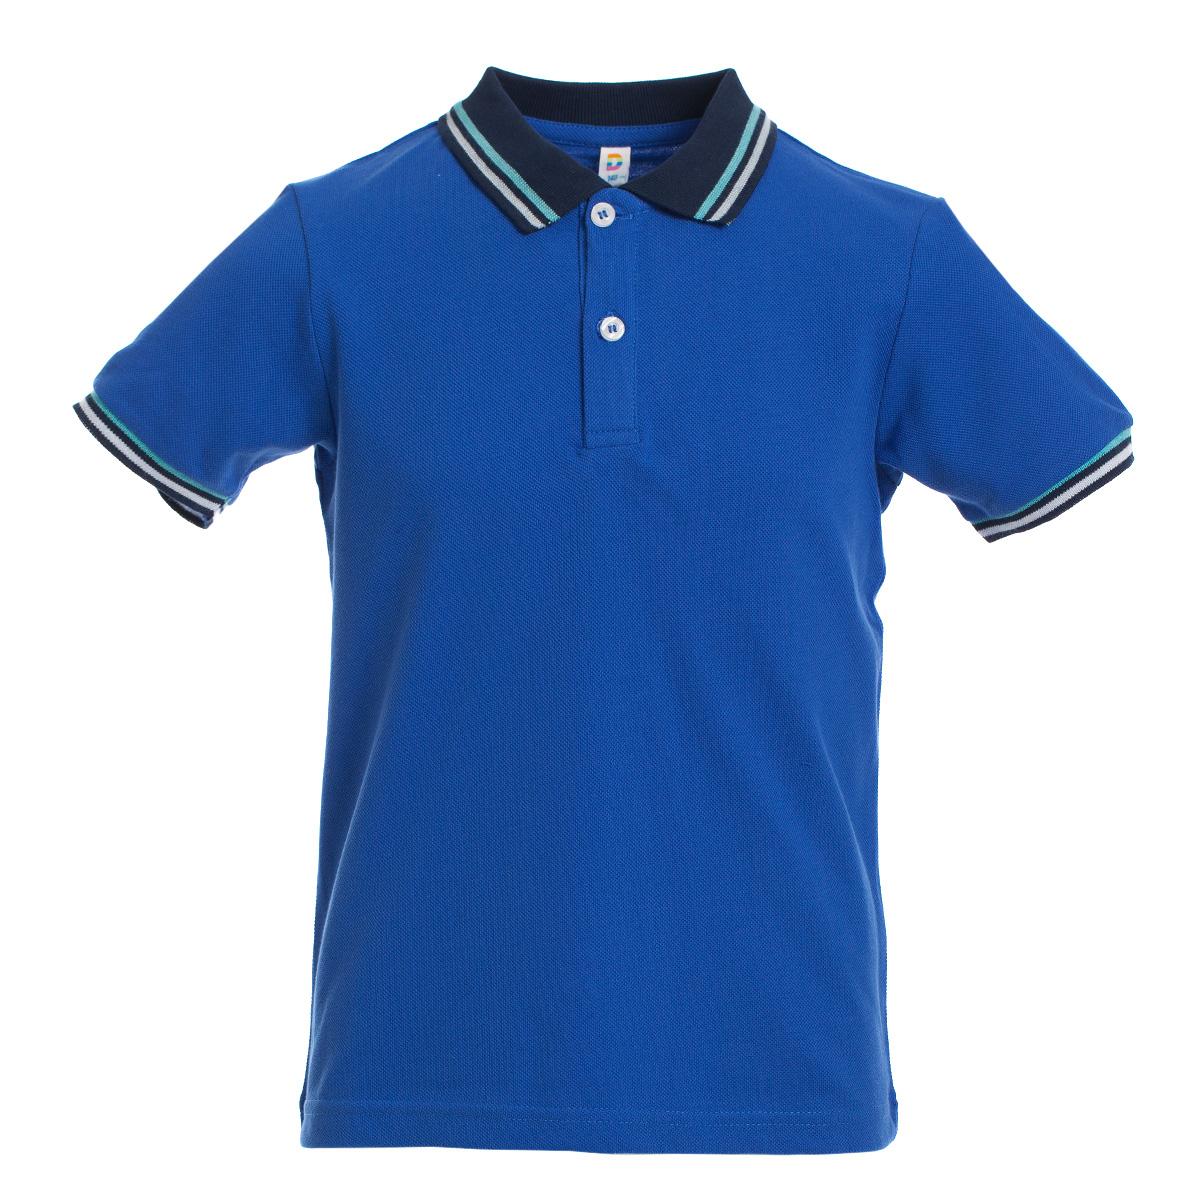 Рубашка поло DRESSPARK, MP-B030302